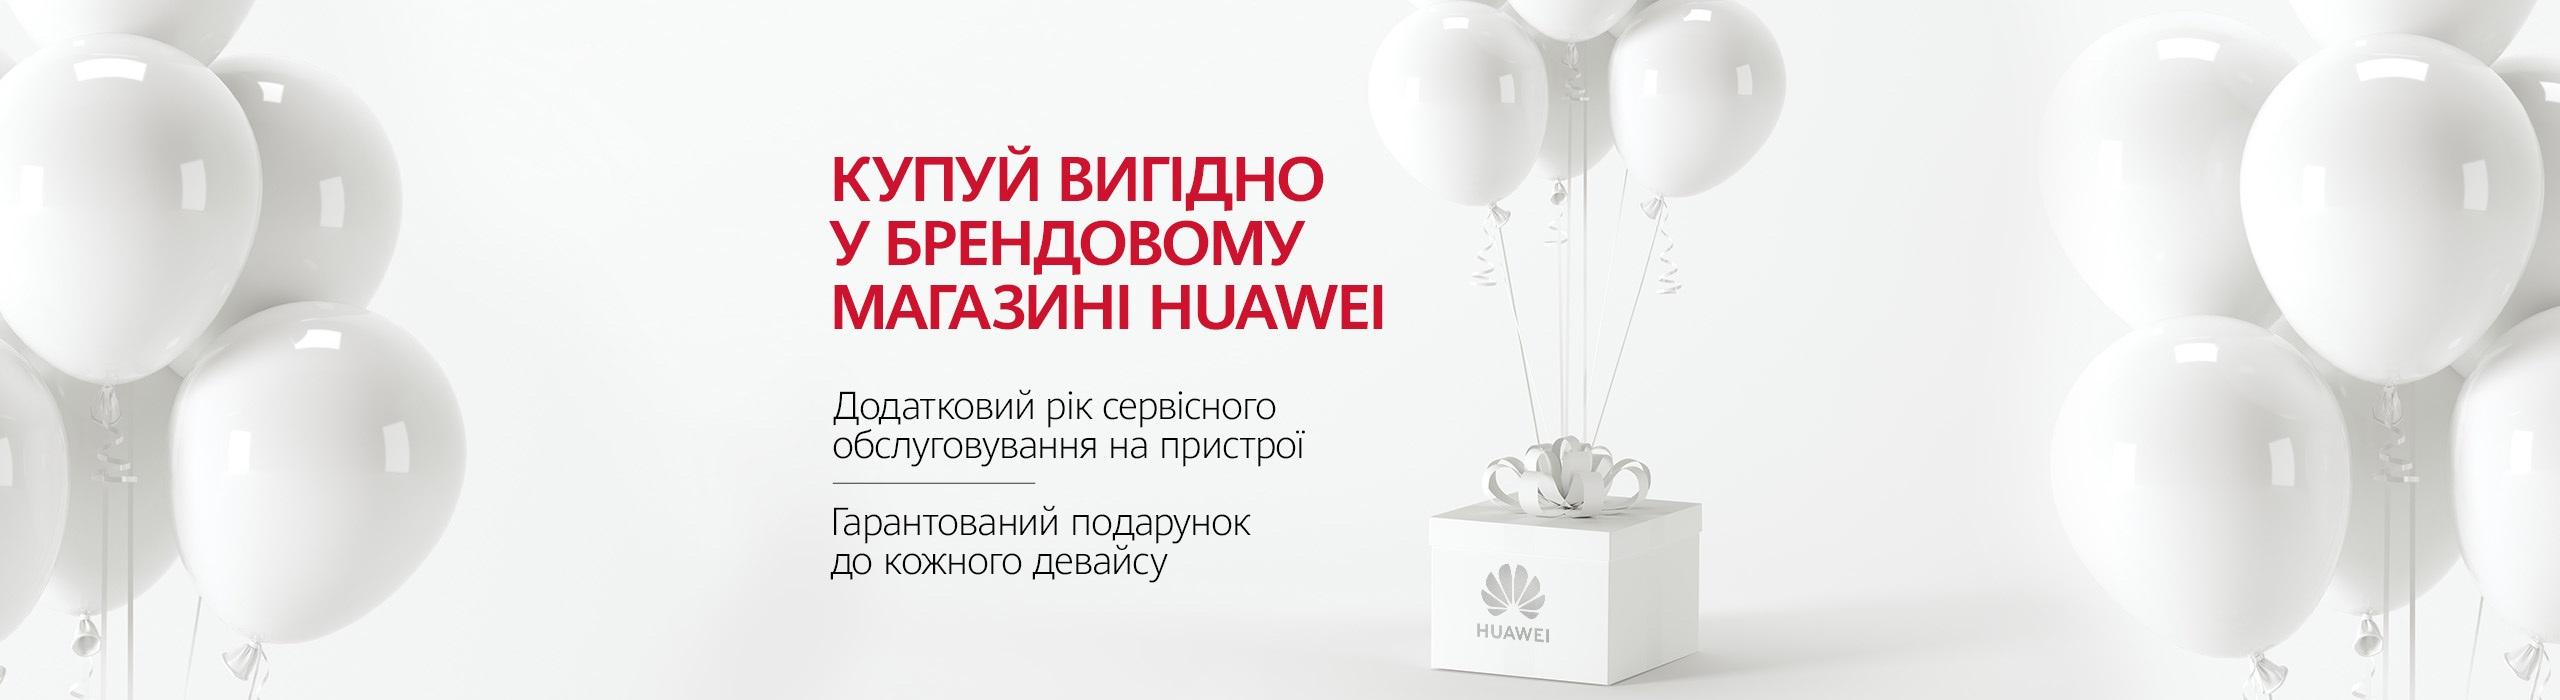 01d2f58a8b2b23 Переваги покупки в Брендових магазинах Huawei. Знайти брендовий магазин